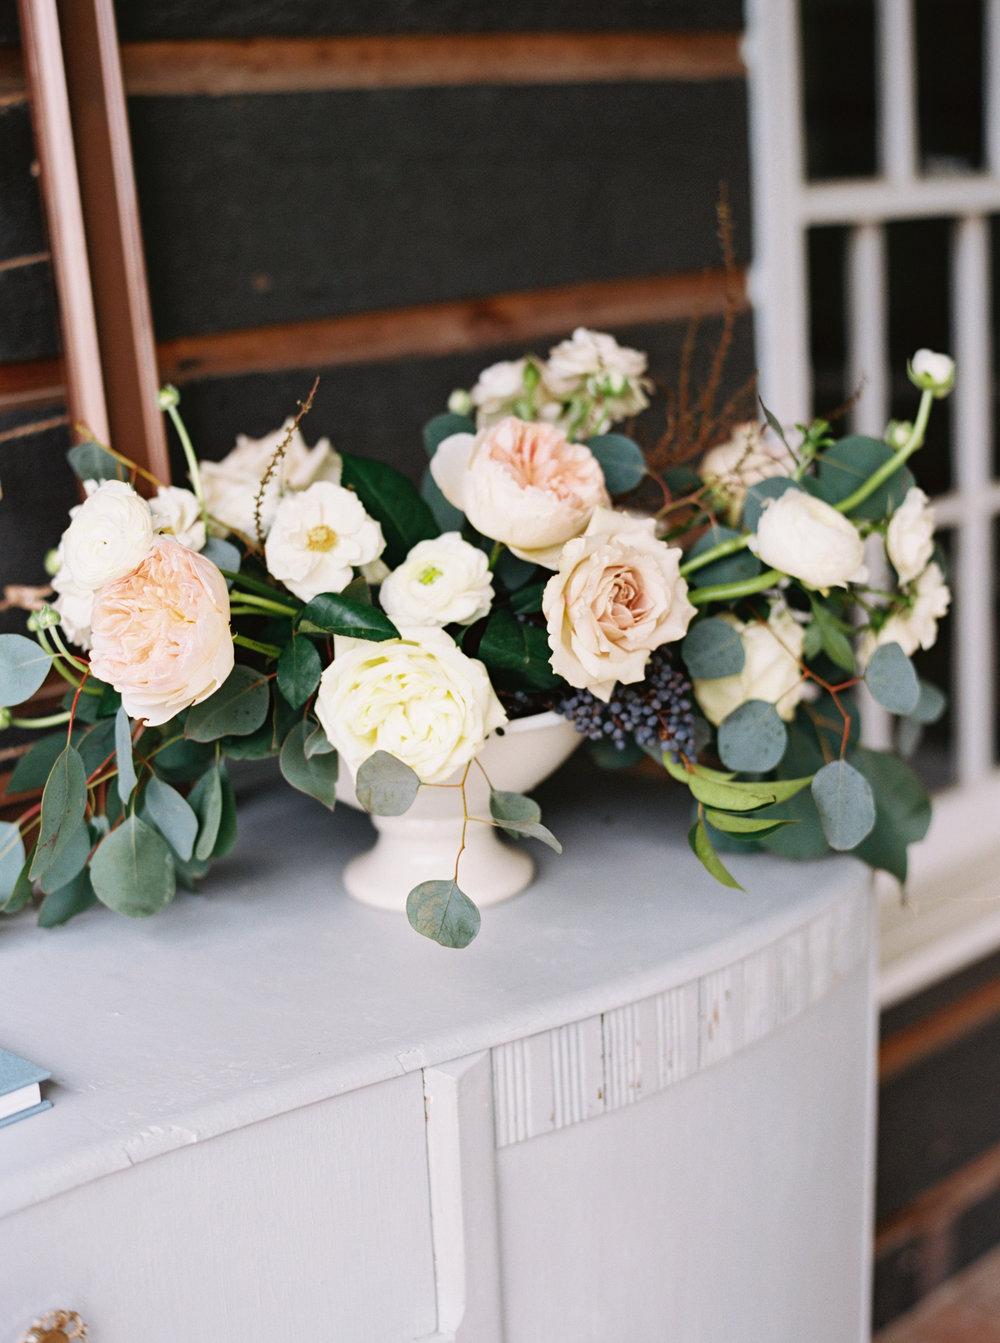 Flower_Arragement_With_White_Urn.jpg